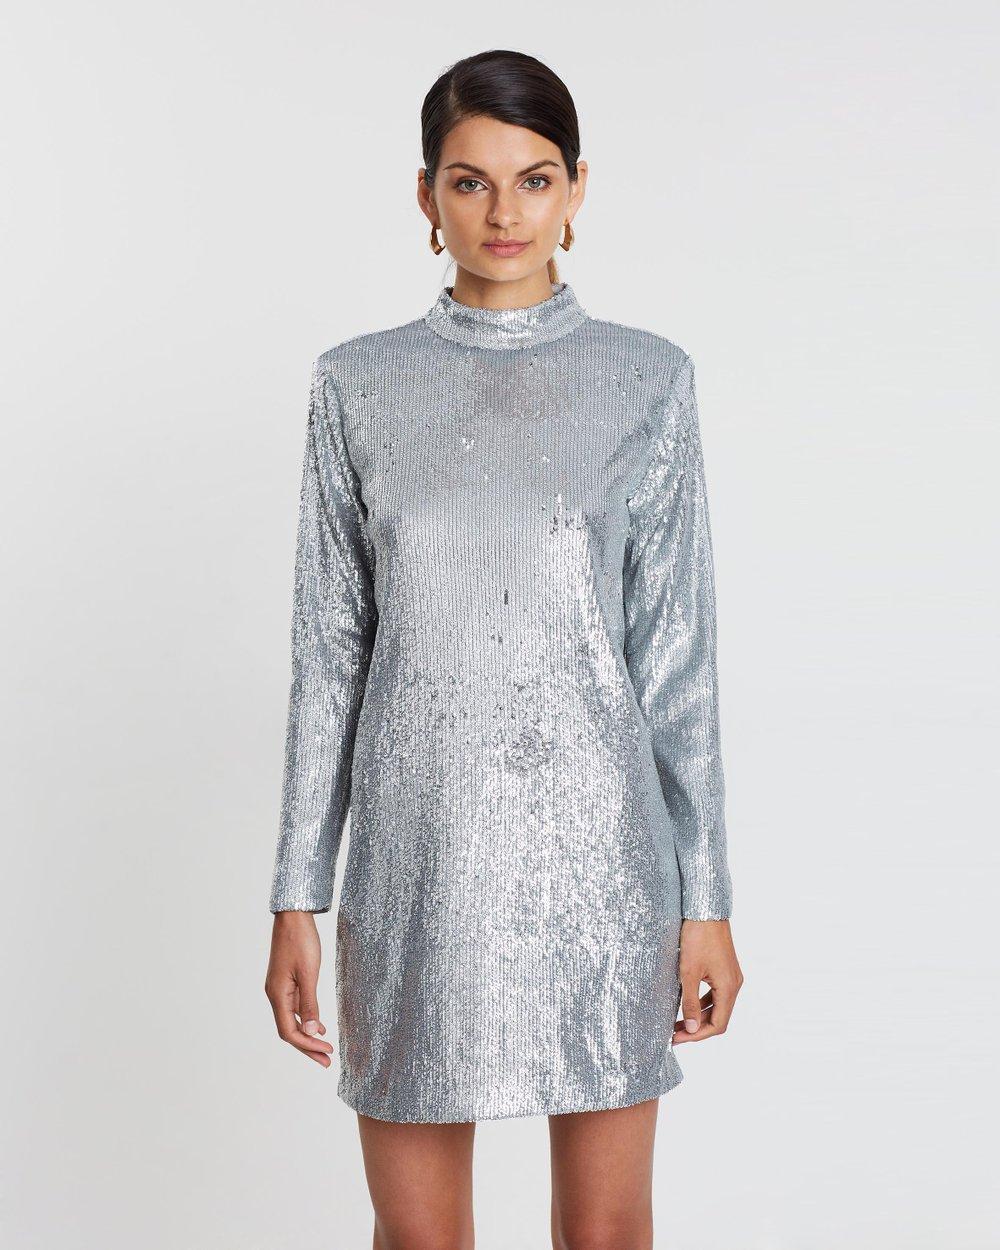 b2c372885941 Theta TN Dress by Samsoe Samsoe Online